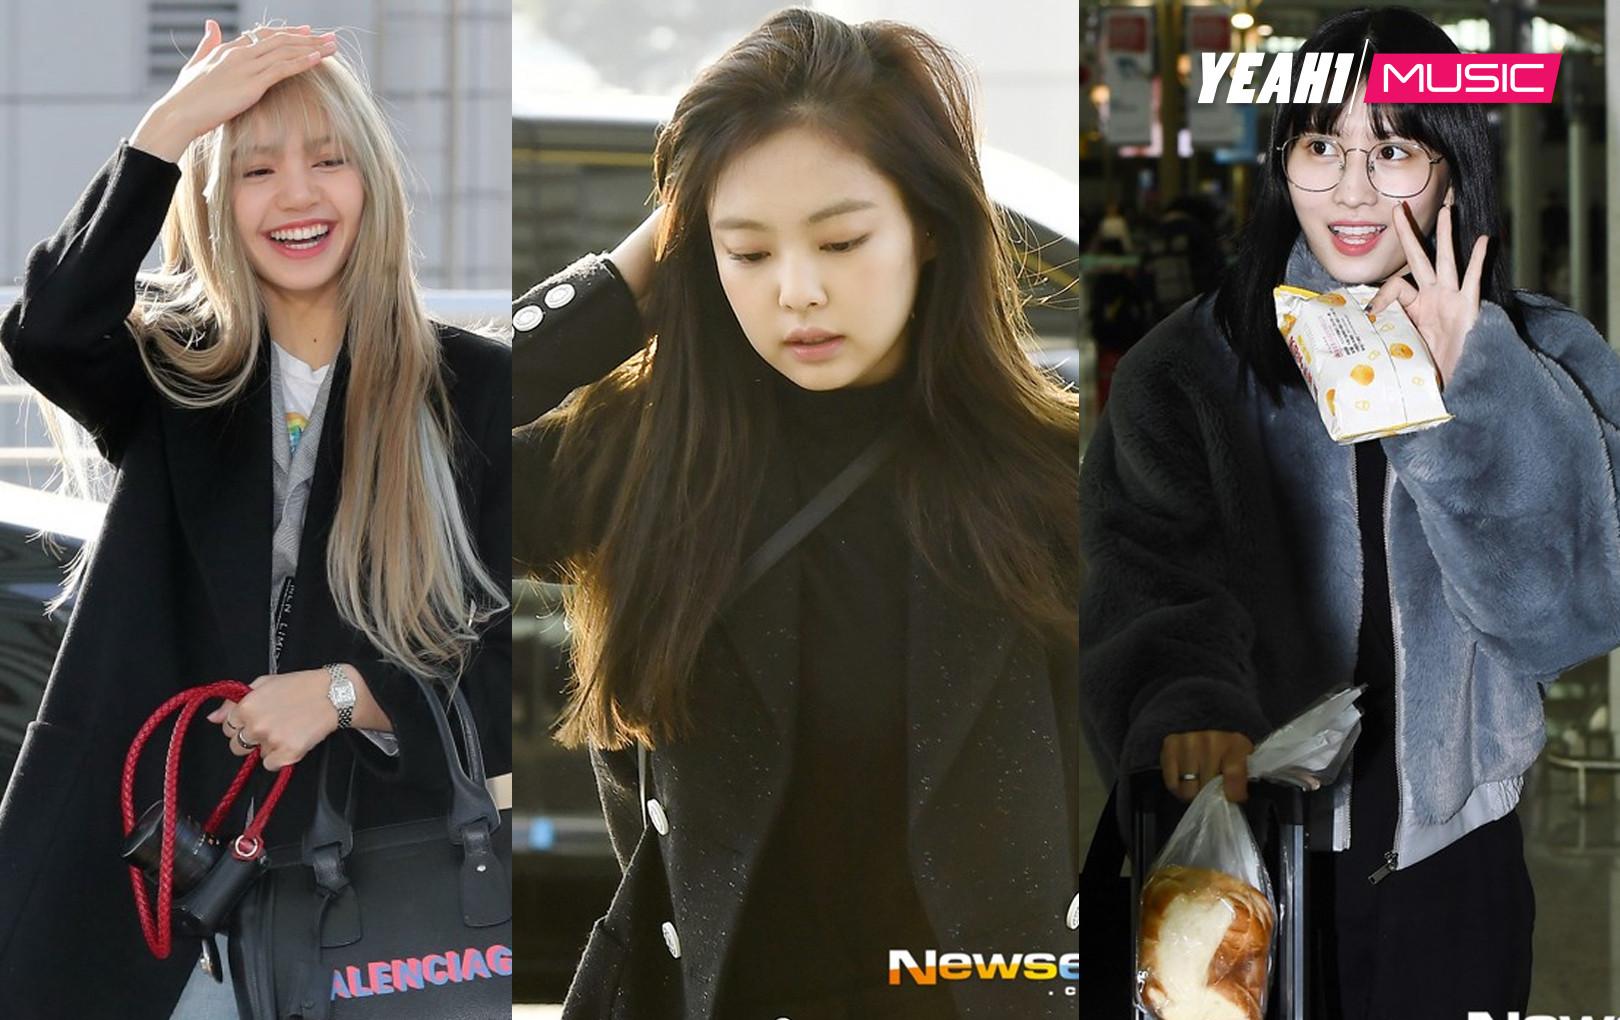 Dàn mỹ nhân đọ sắc thần thánh tại sân bay: Lisa xuất thần, Black Pink đẹp như đóng MV bên TWICE và chân dài đình đám